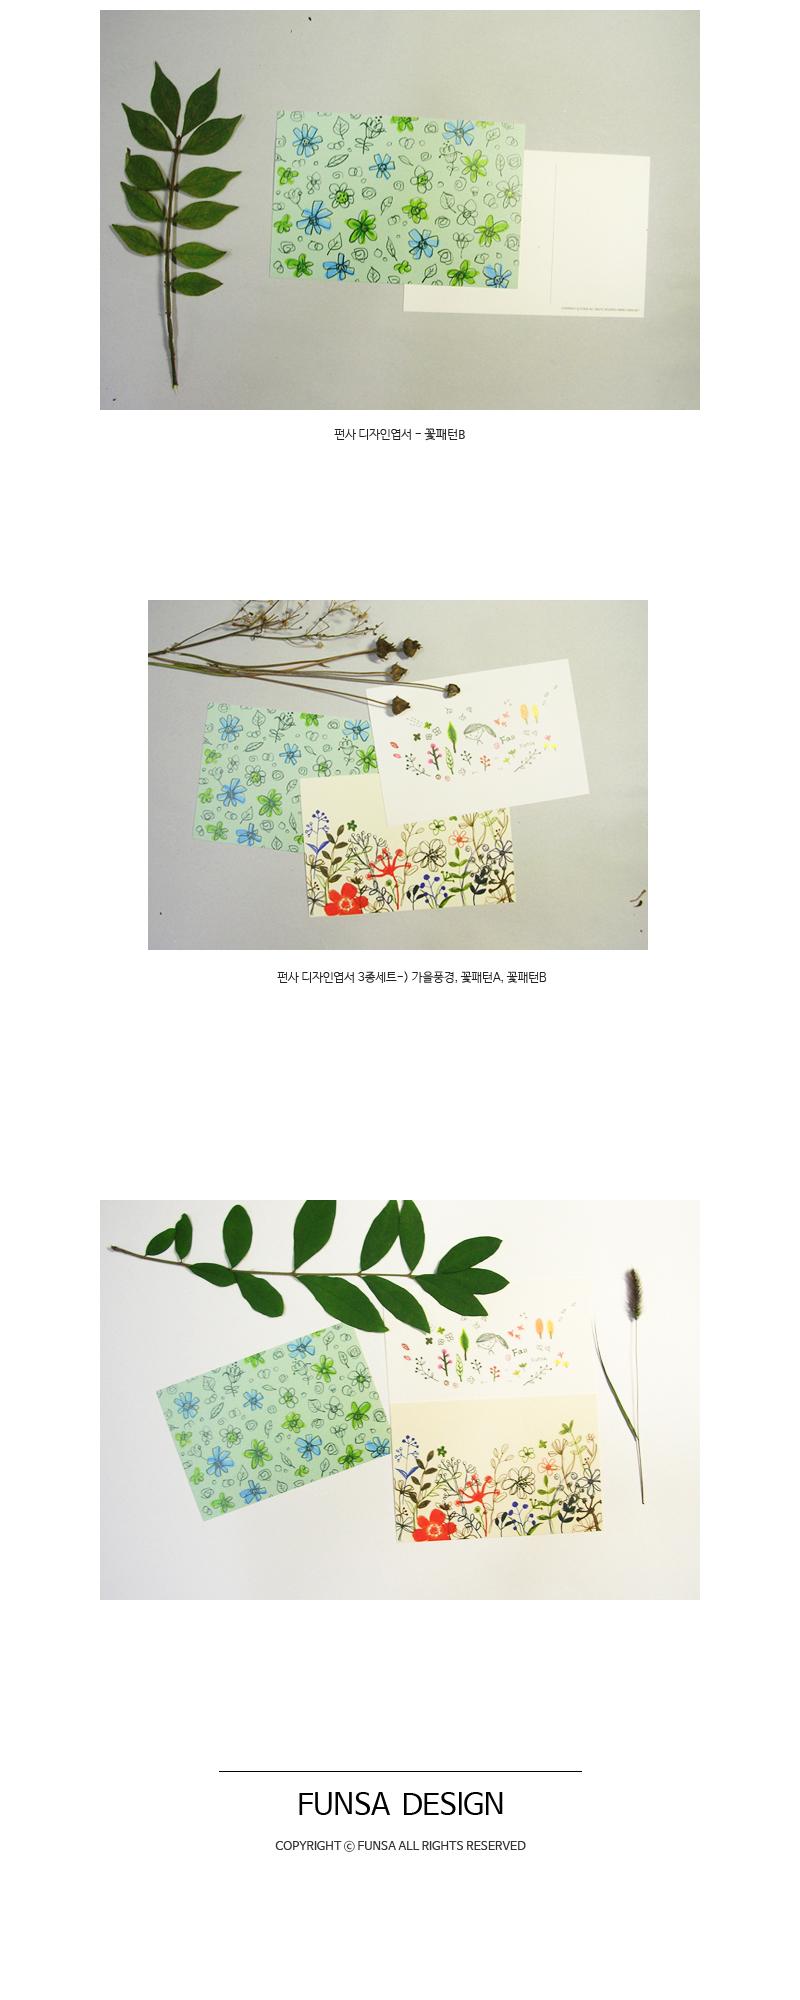 펀사 디자인엽서 - 꽃패턴B - 펀사, 1,000원, 엽서, 심플